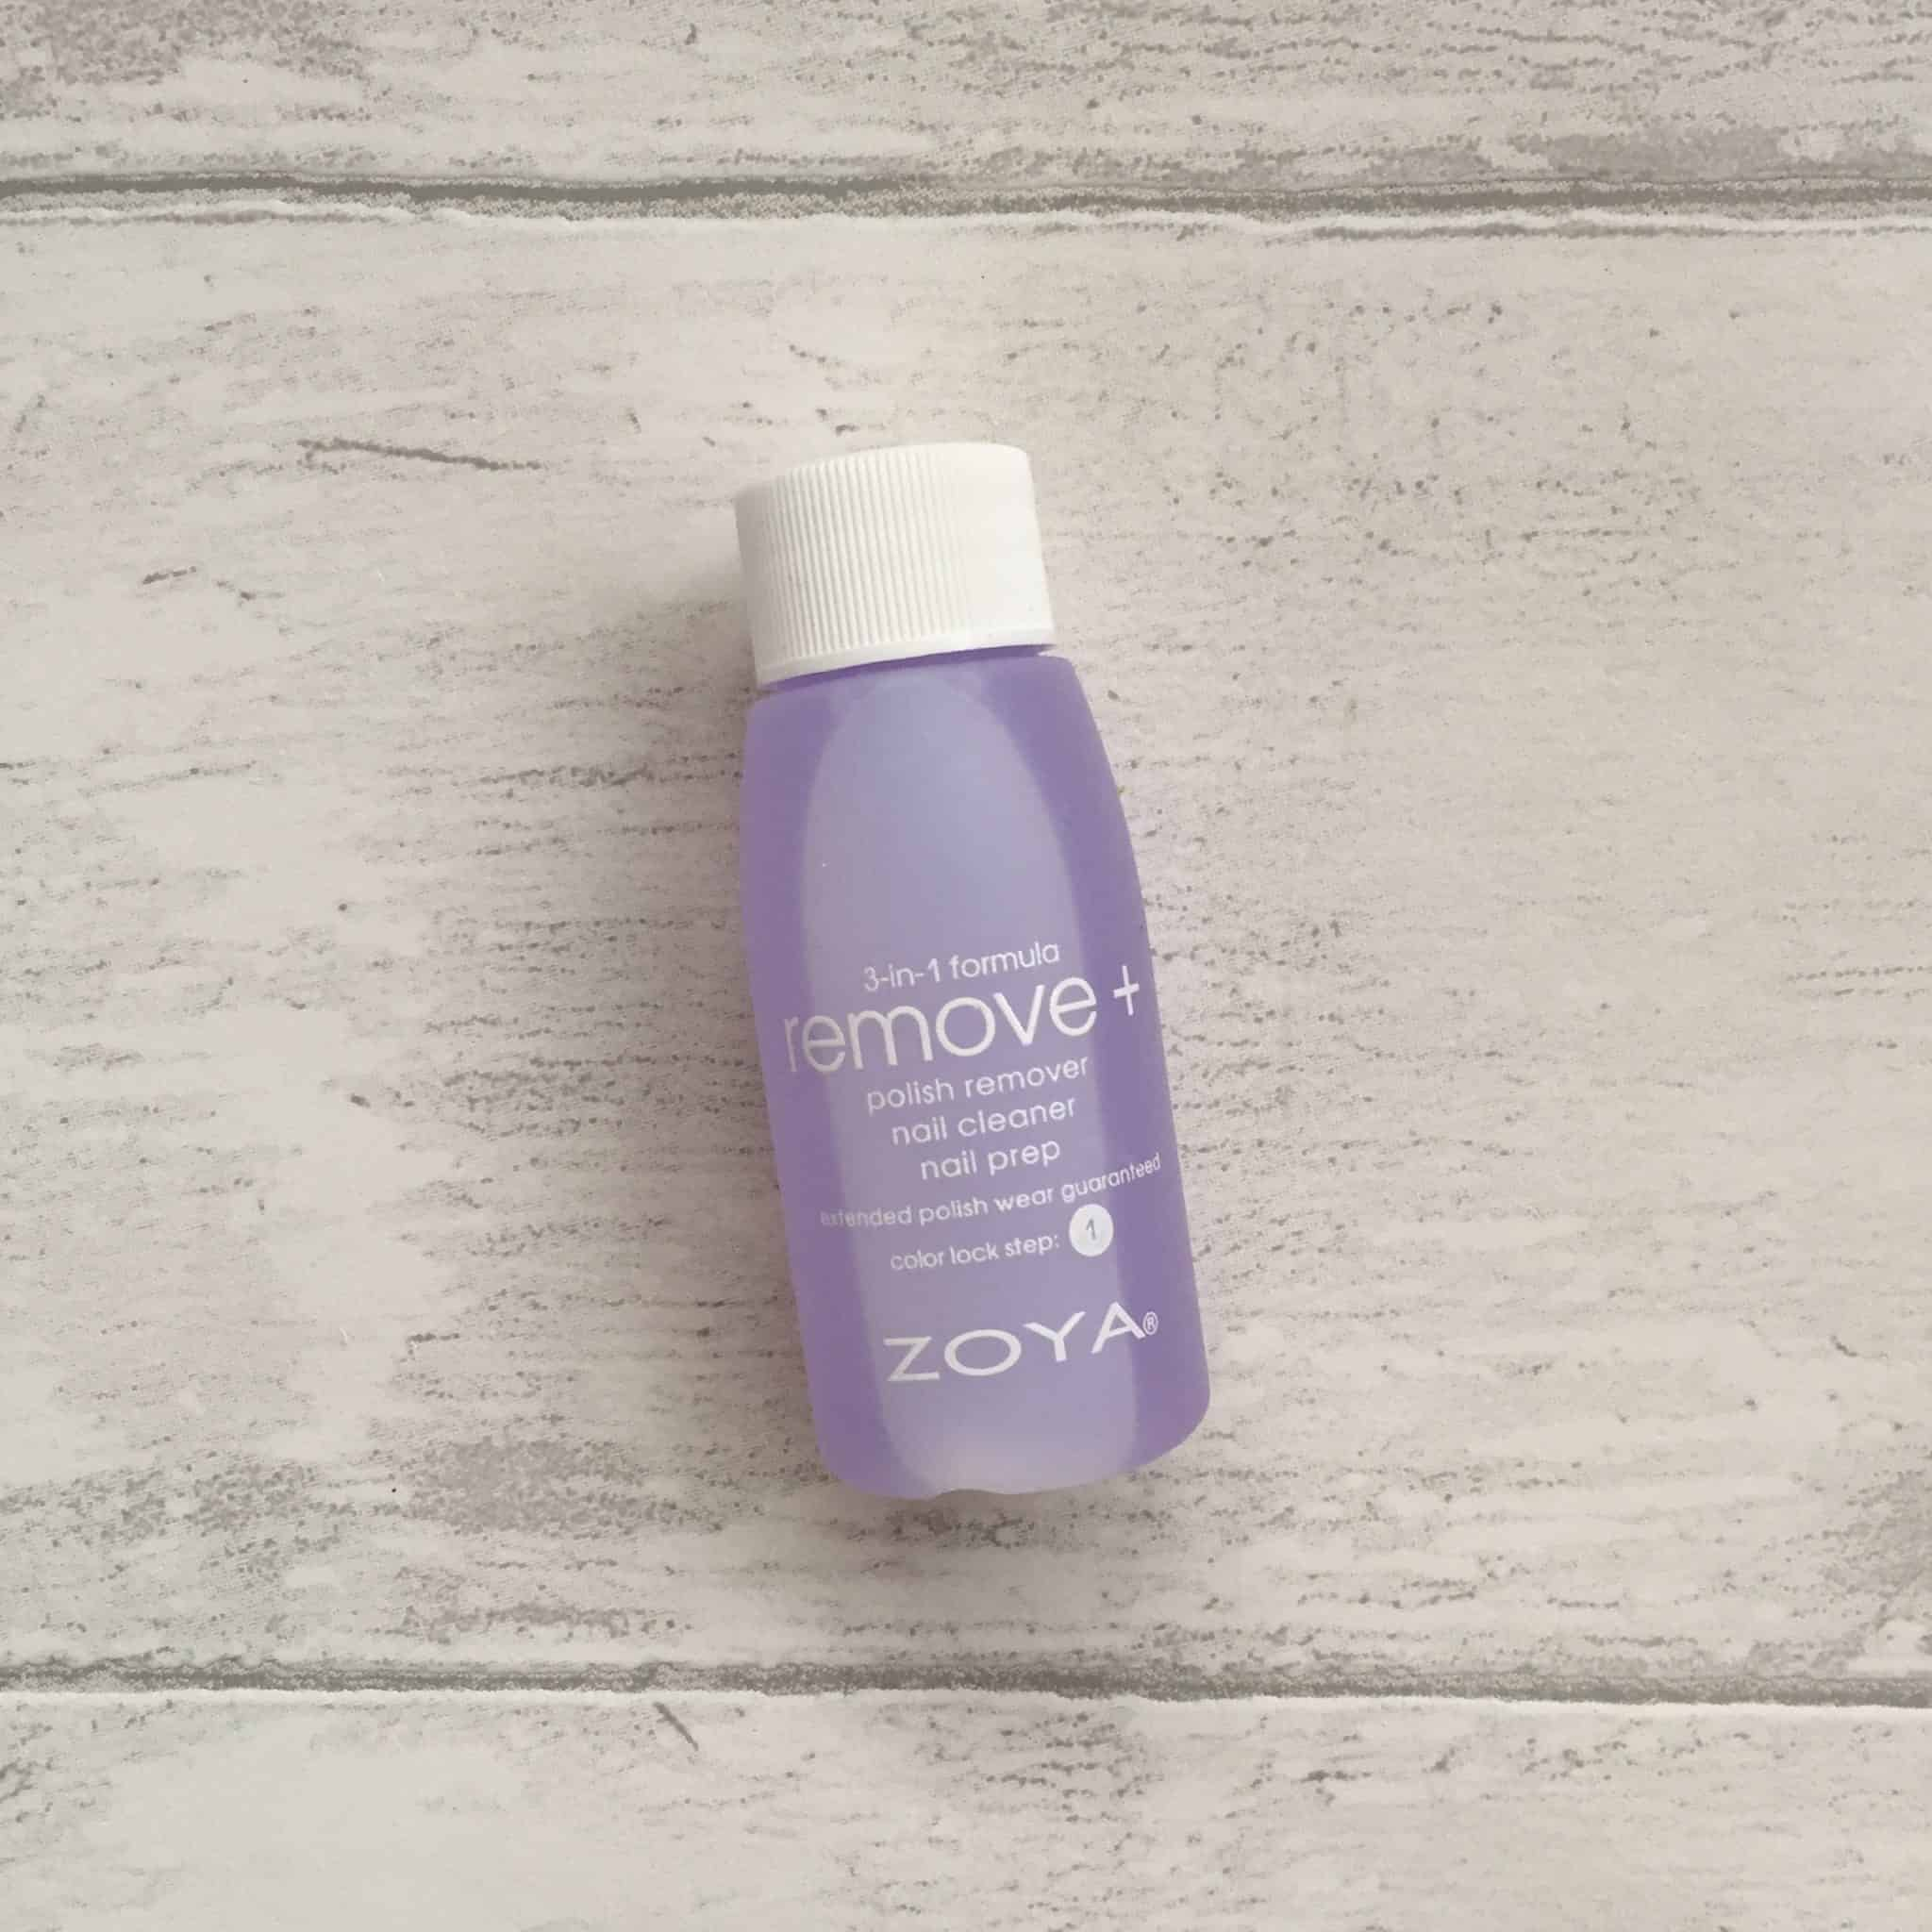 How Long Does Nail Polish Remover Last: Does Natural Nail Polish Actually Work? Zoya Nail Varnish